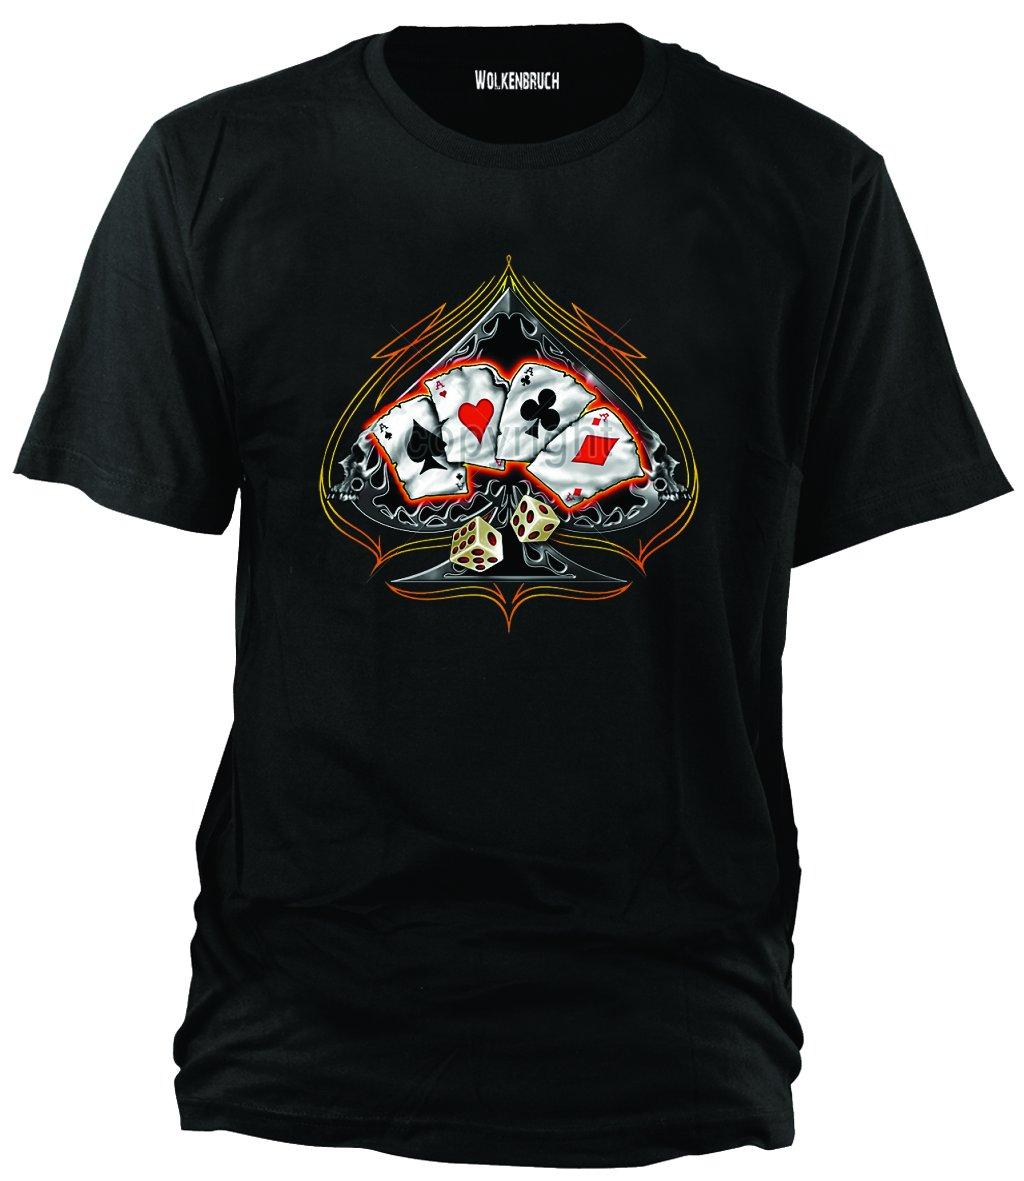 Sputnik Shirts - Maglietta Four of a Kind Poker con carte da gioco, disponibile in diversi colori, taglie S-5XL